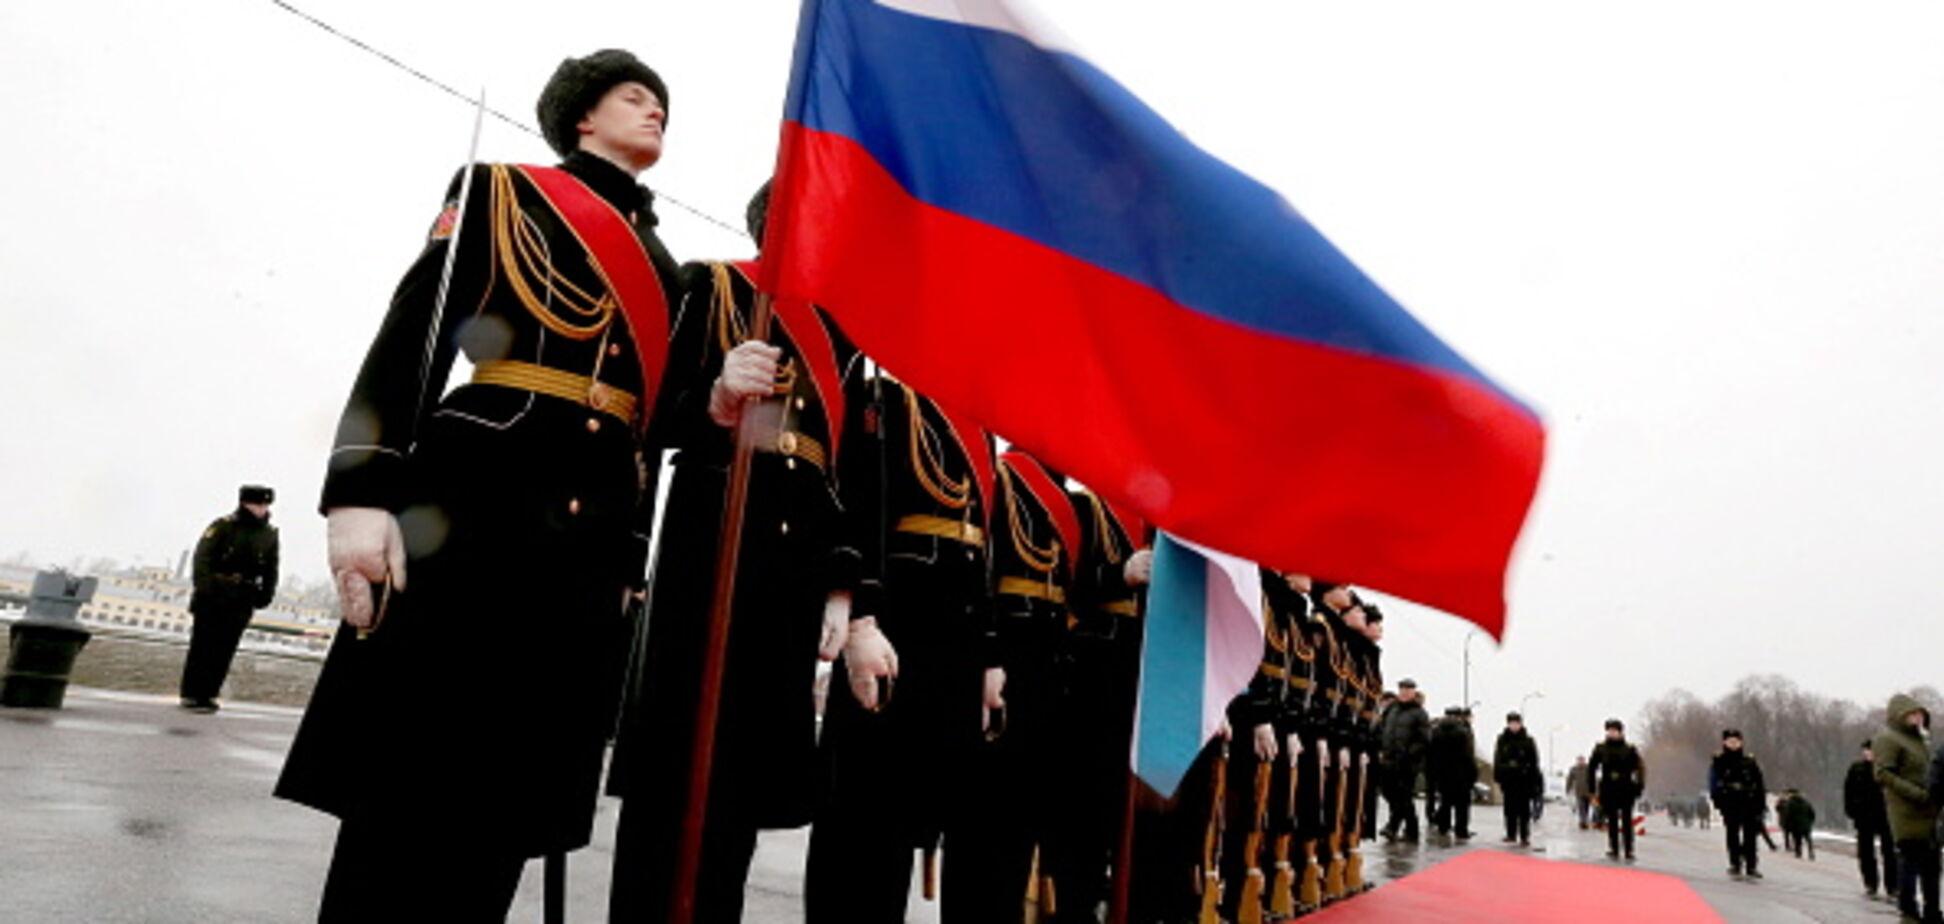 При каком условии Путин выведет войска: Донбассу сообщили печальную новость